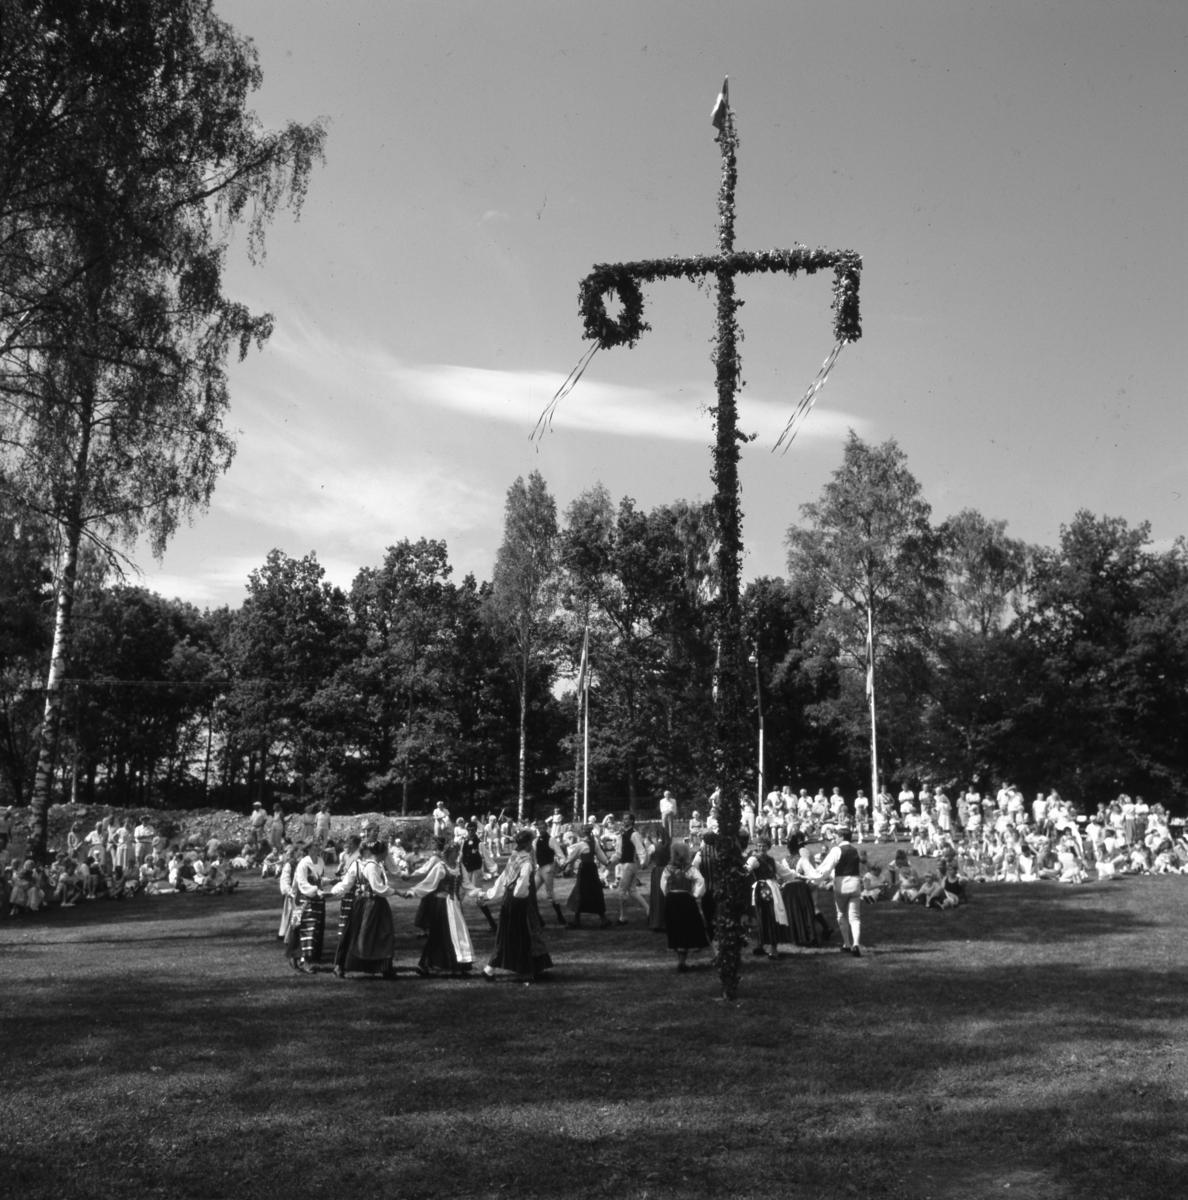 Midsommarfirande i Folkets park. Midsommarstången är rest och flaggorna hissade. Folkdanslaget uppträder på gräset. Publiken sitter utspridd.